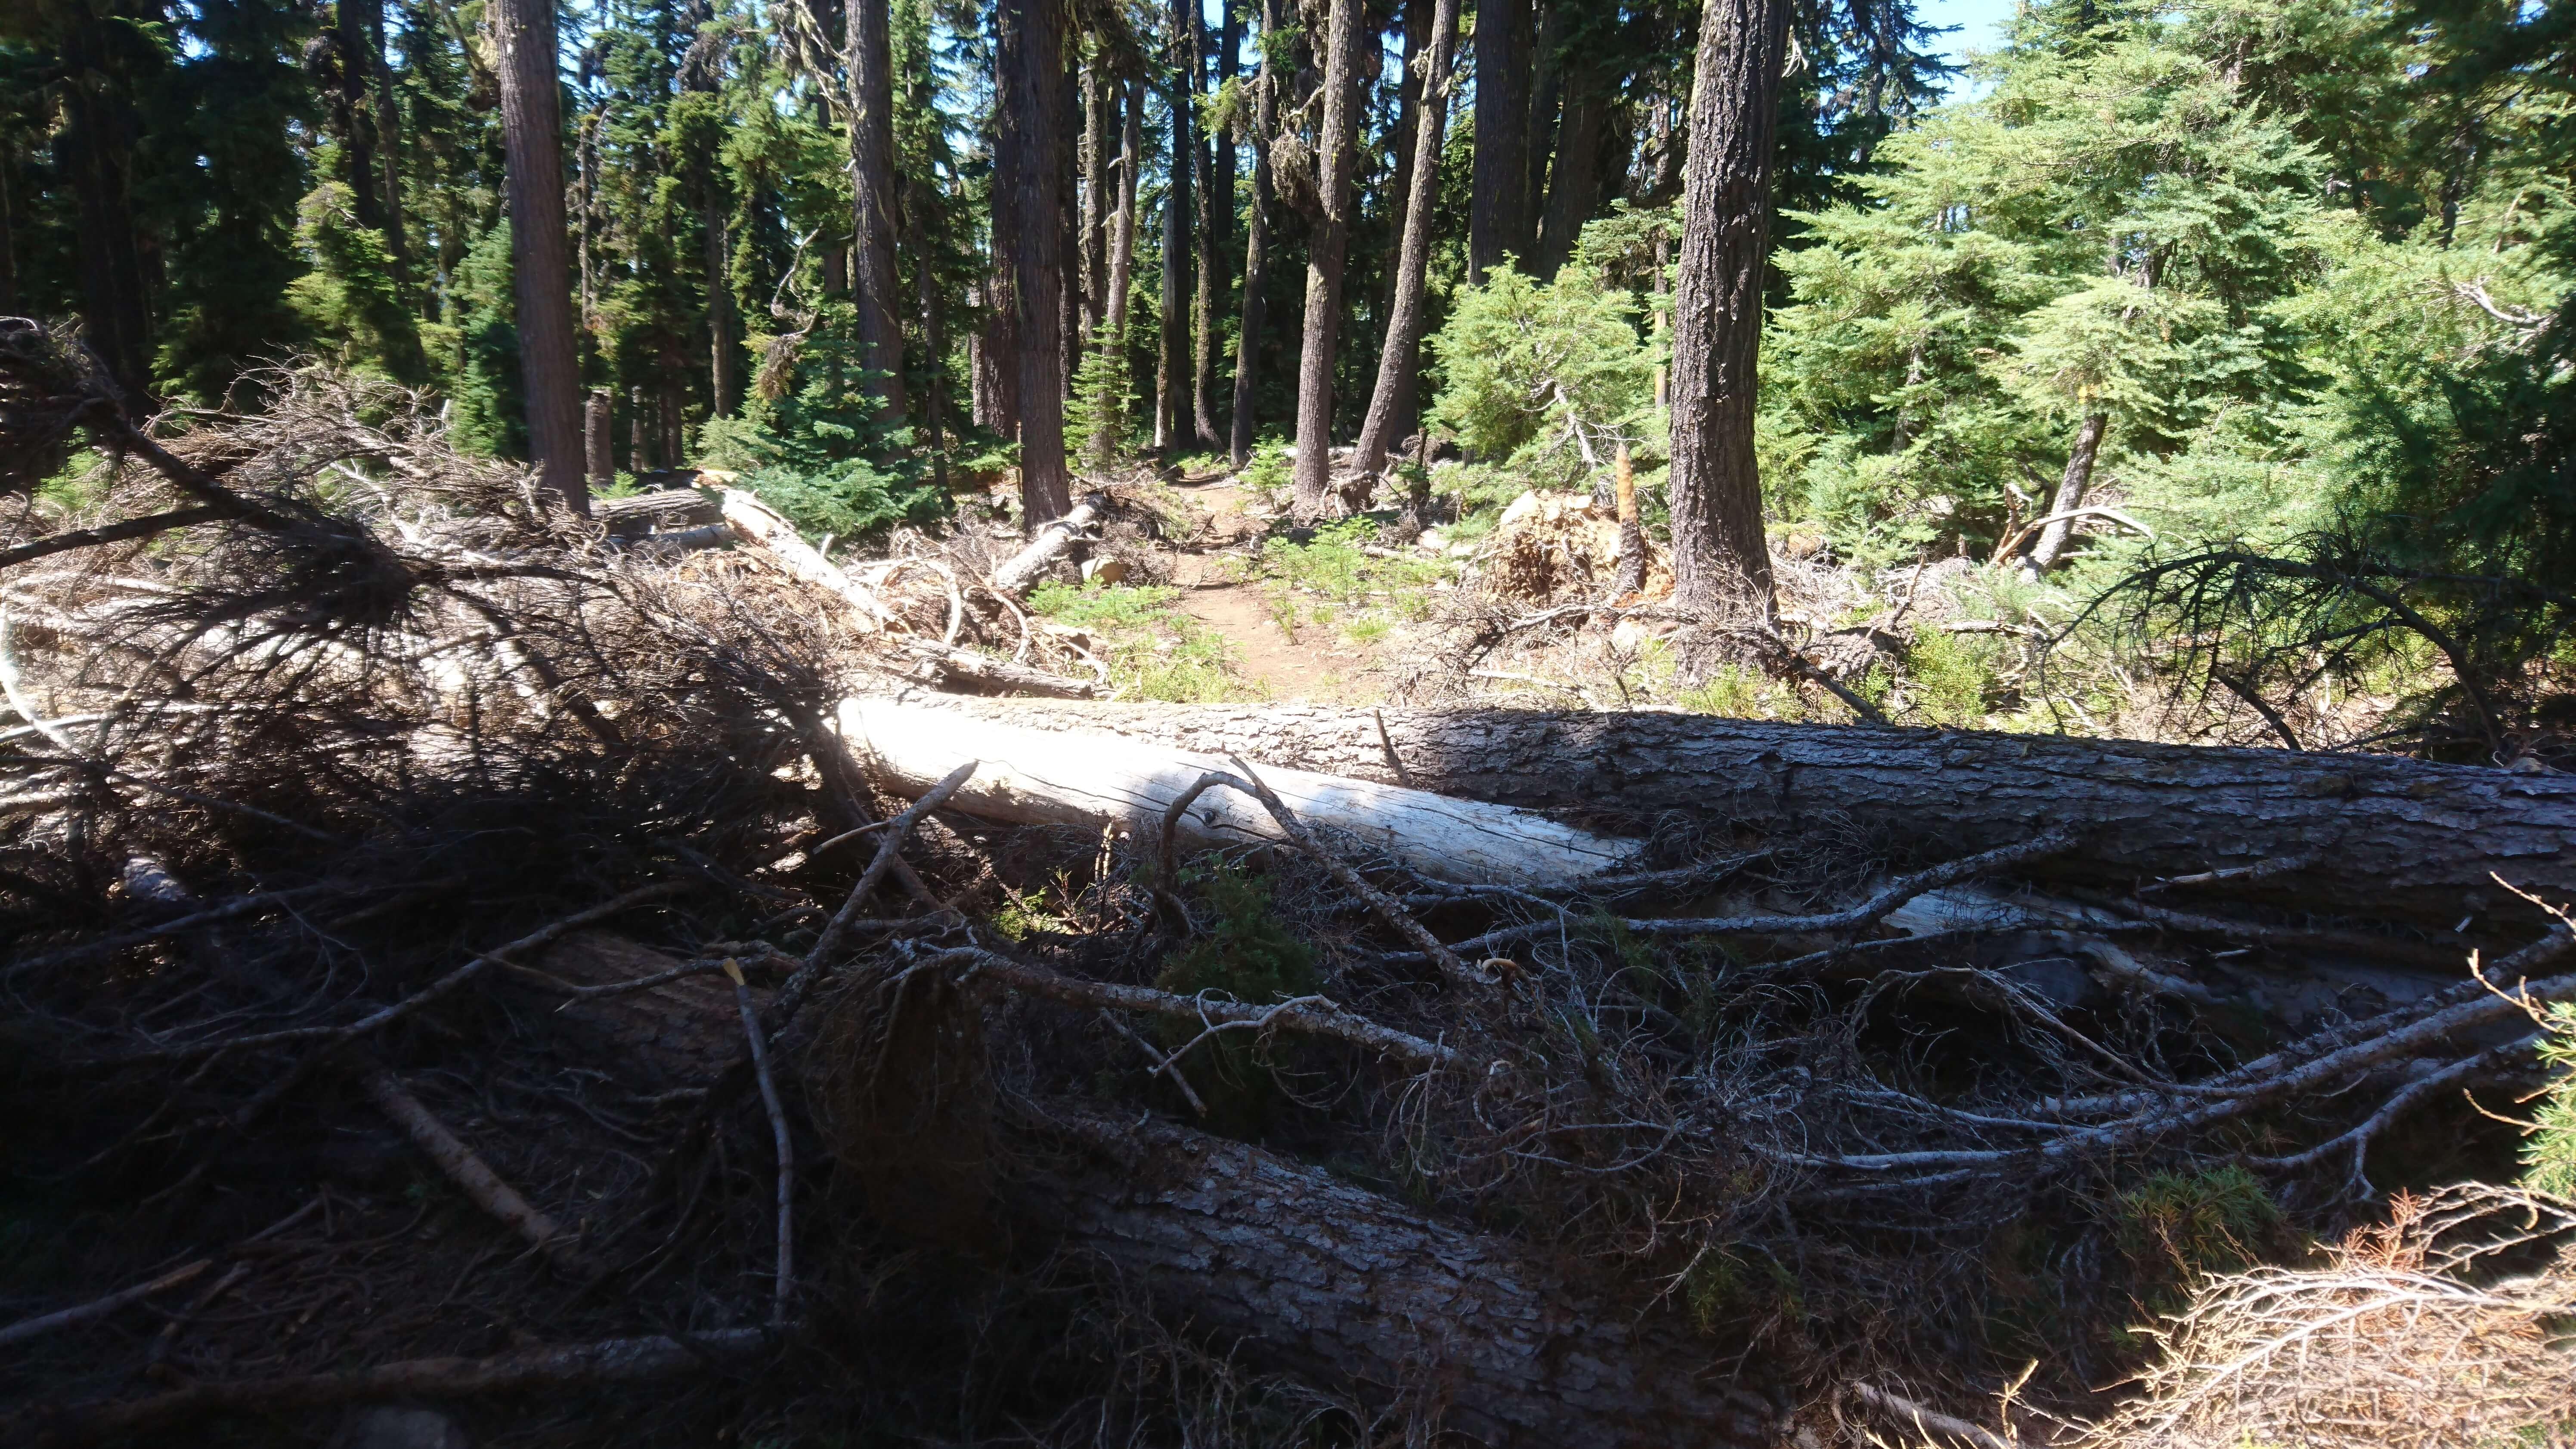 Les troncs sur le chemin, une vrai plaie ! et les moustiques qui attendent tranquillement :-)